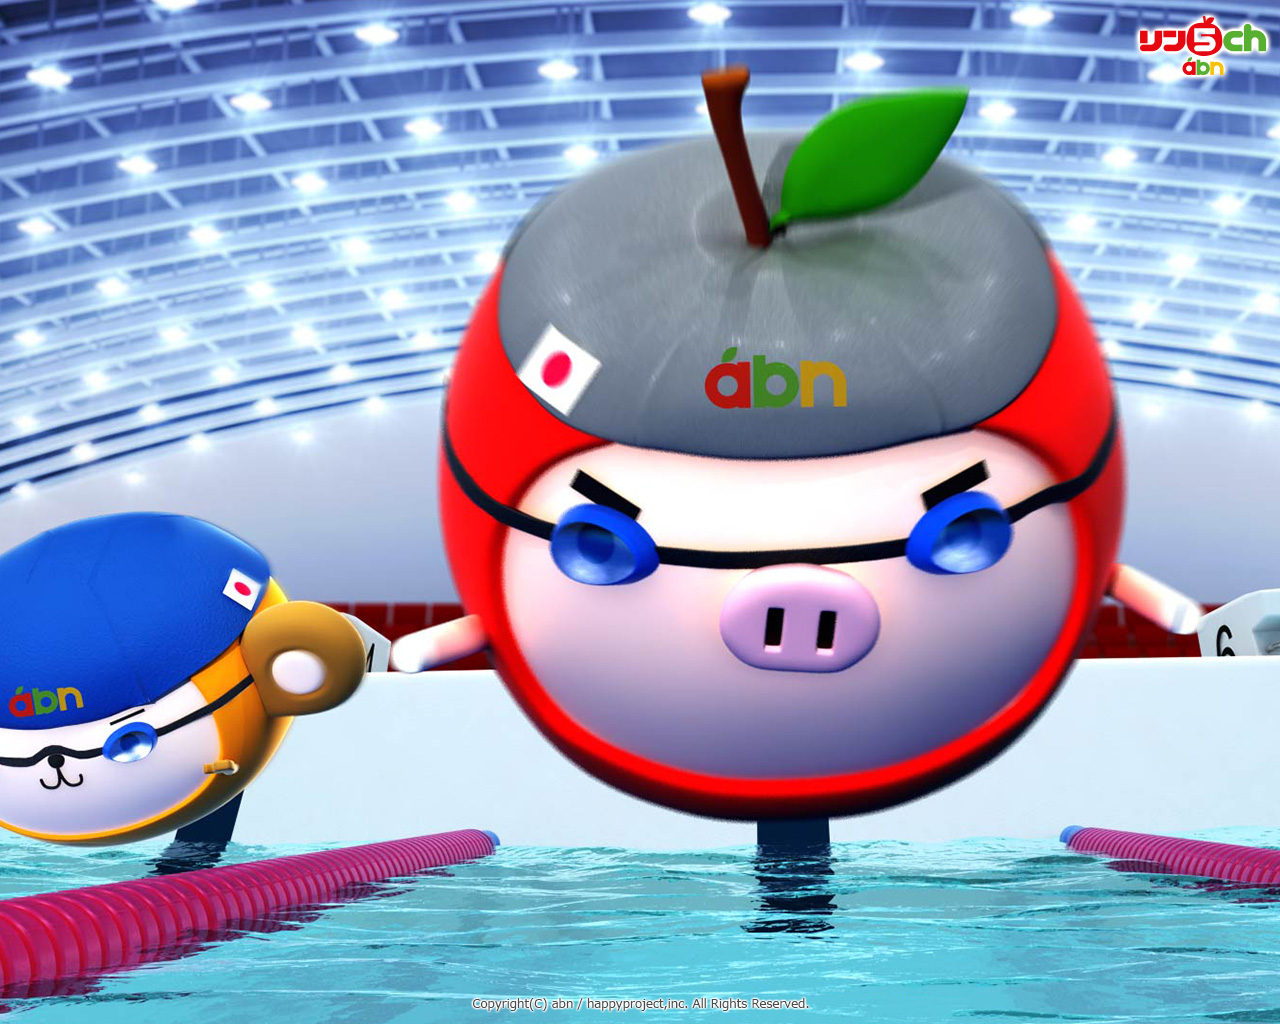 りんご丸壁紙(スポーツシリーズ・水泳)